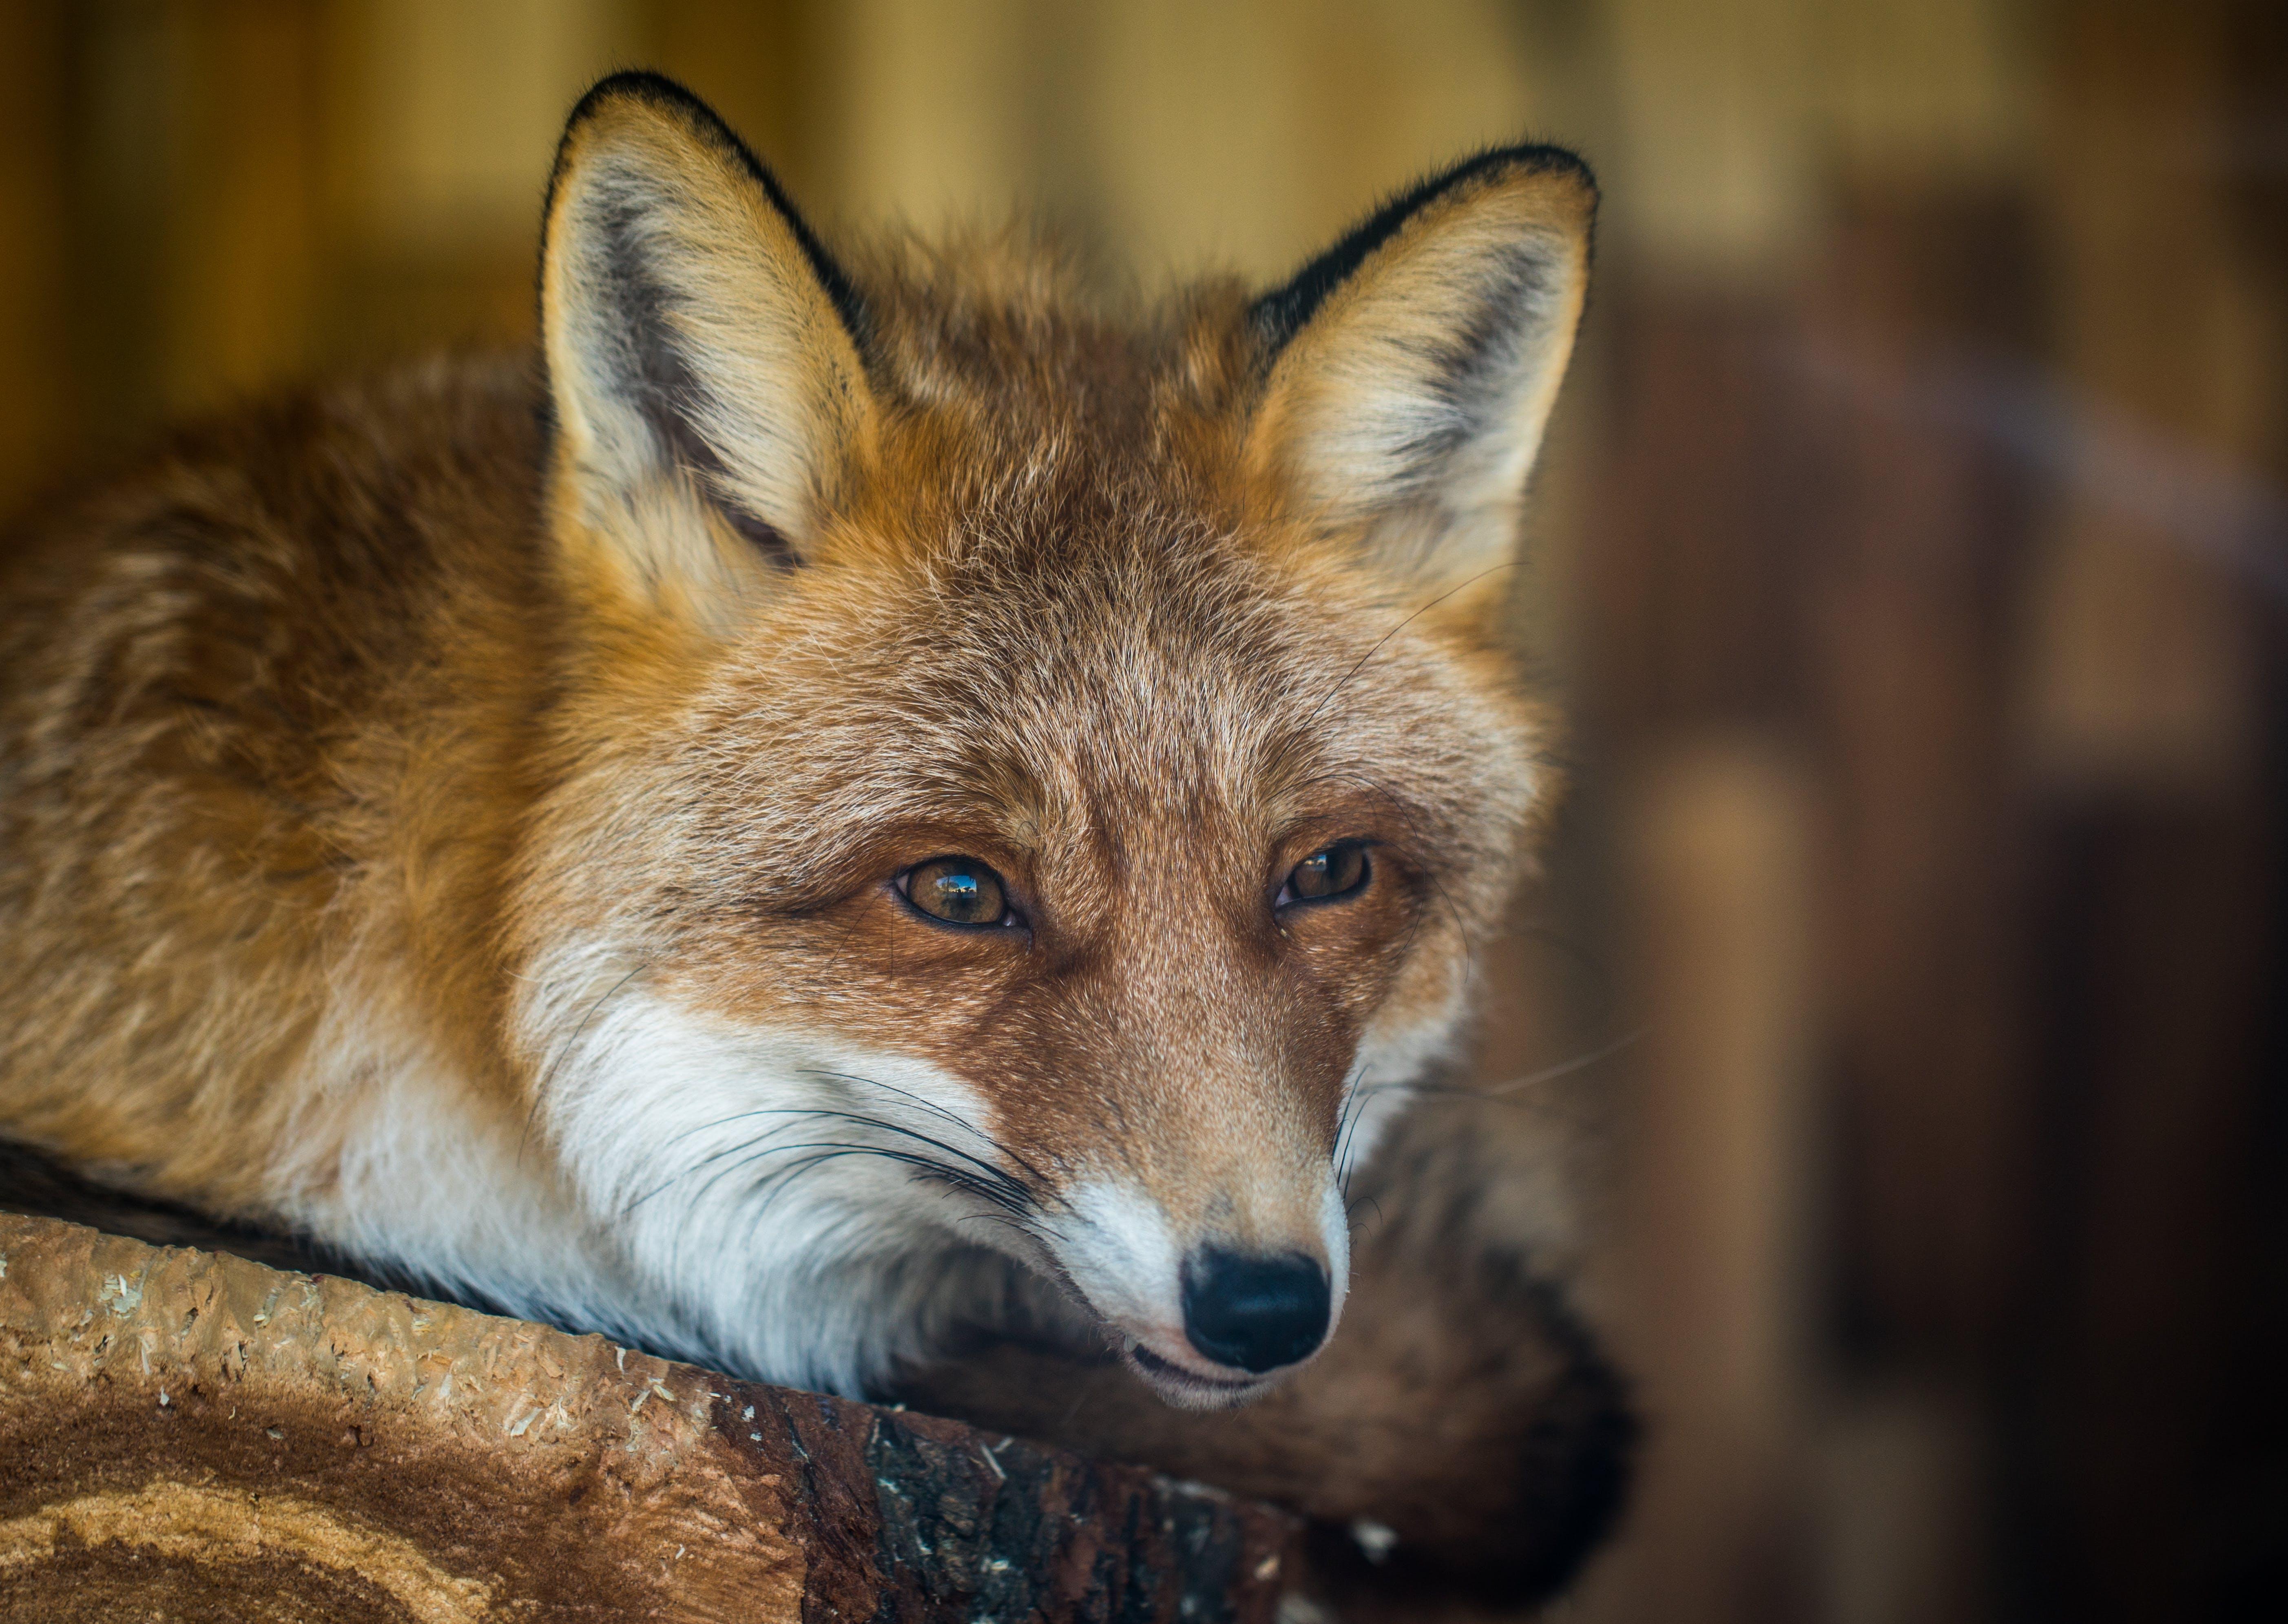 ひげ, 動物, 動物の写真, 毛皮の無料の写真素材